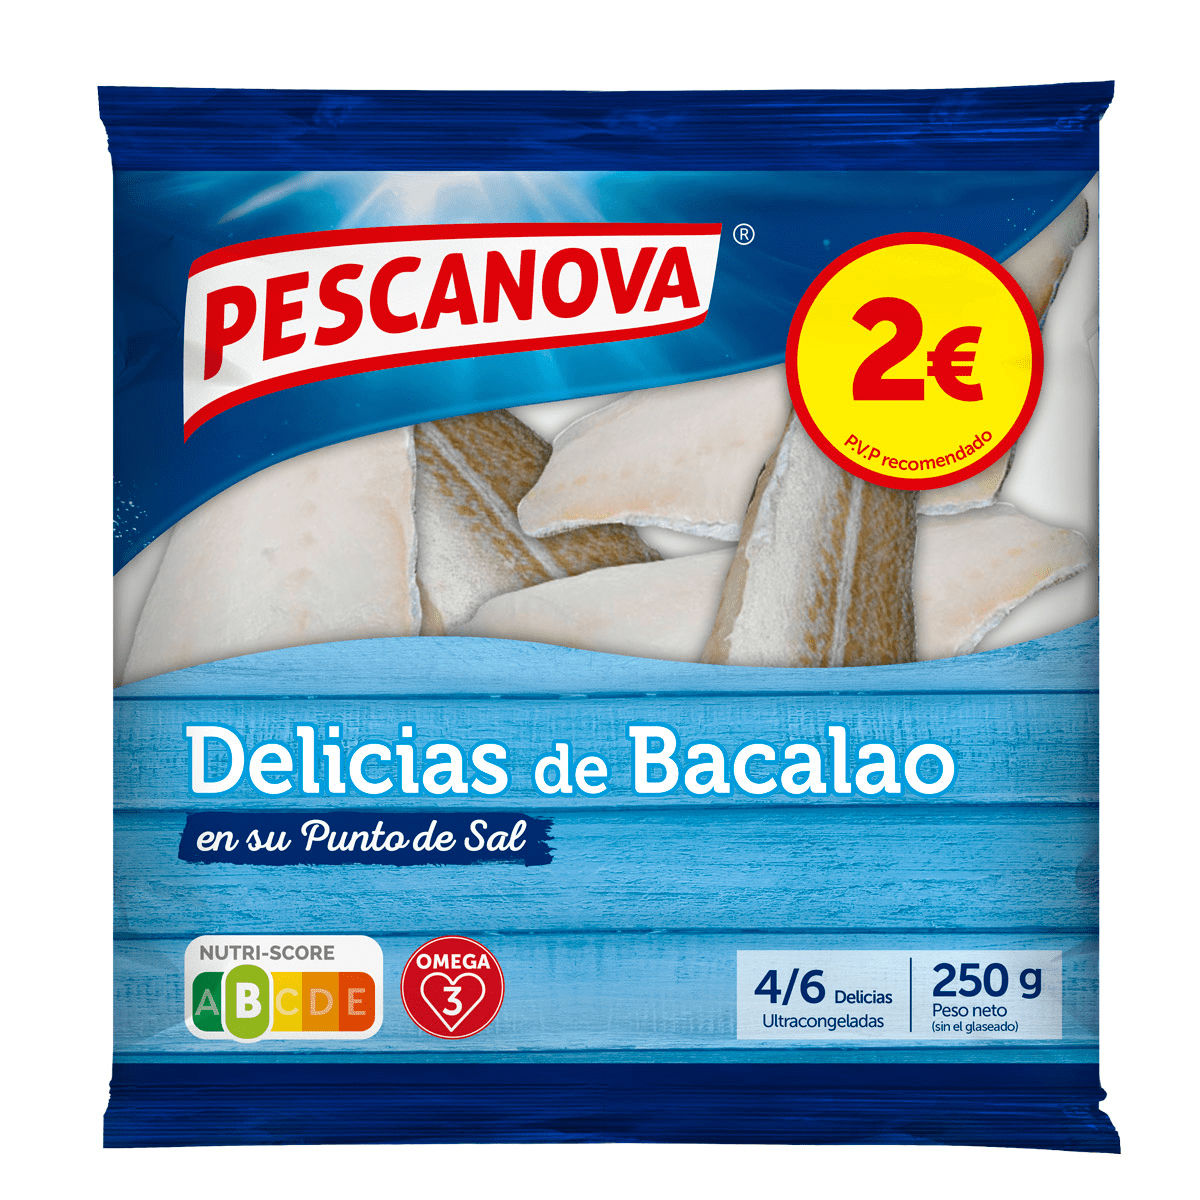 Delicias de Bacalao